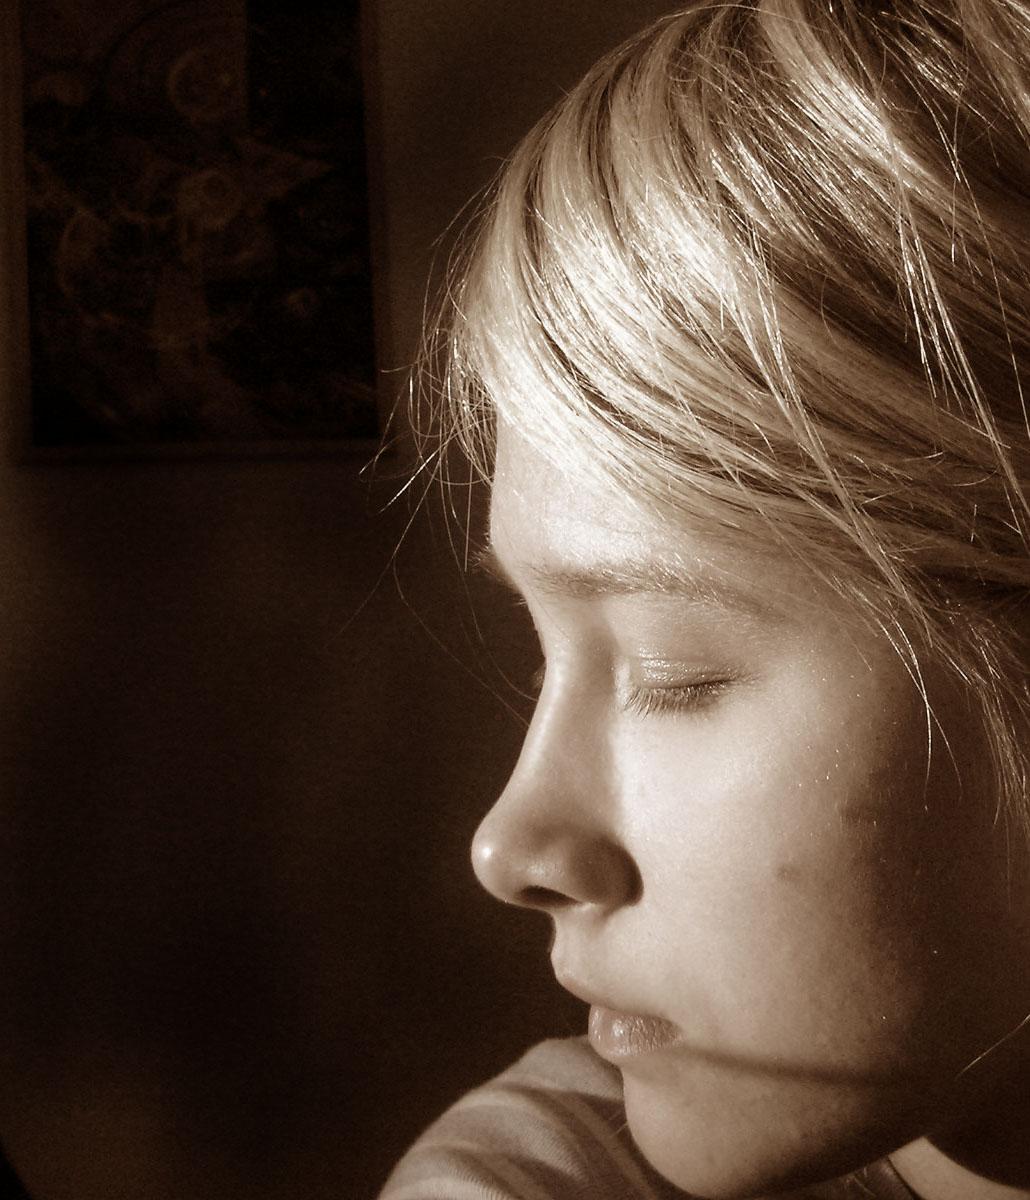 Обзор книги «Жила-была девочка, похожая на тебя…» Бретт Дорис